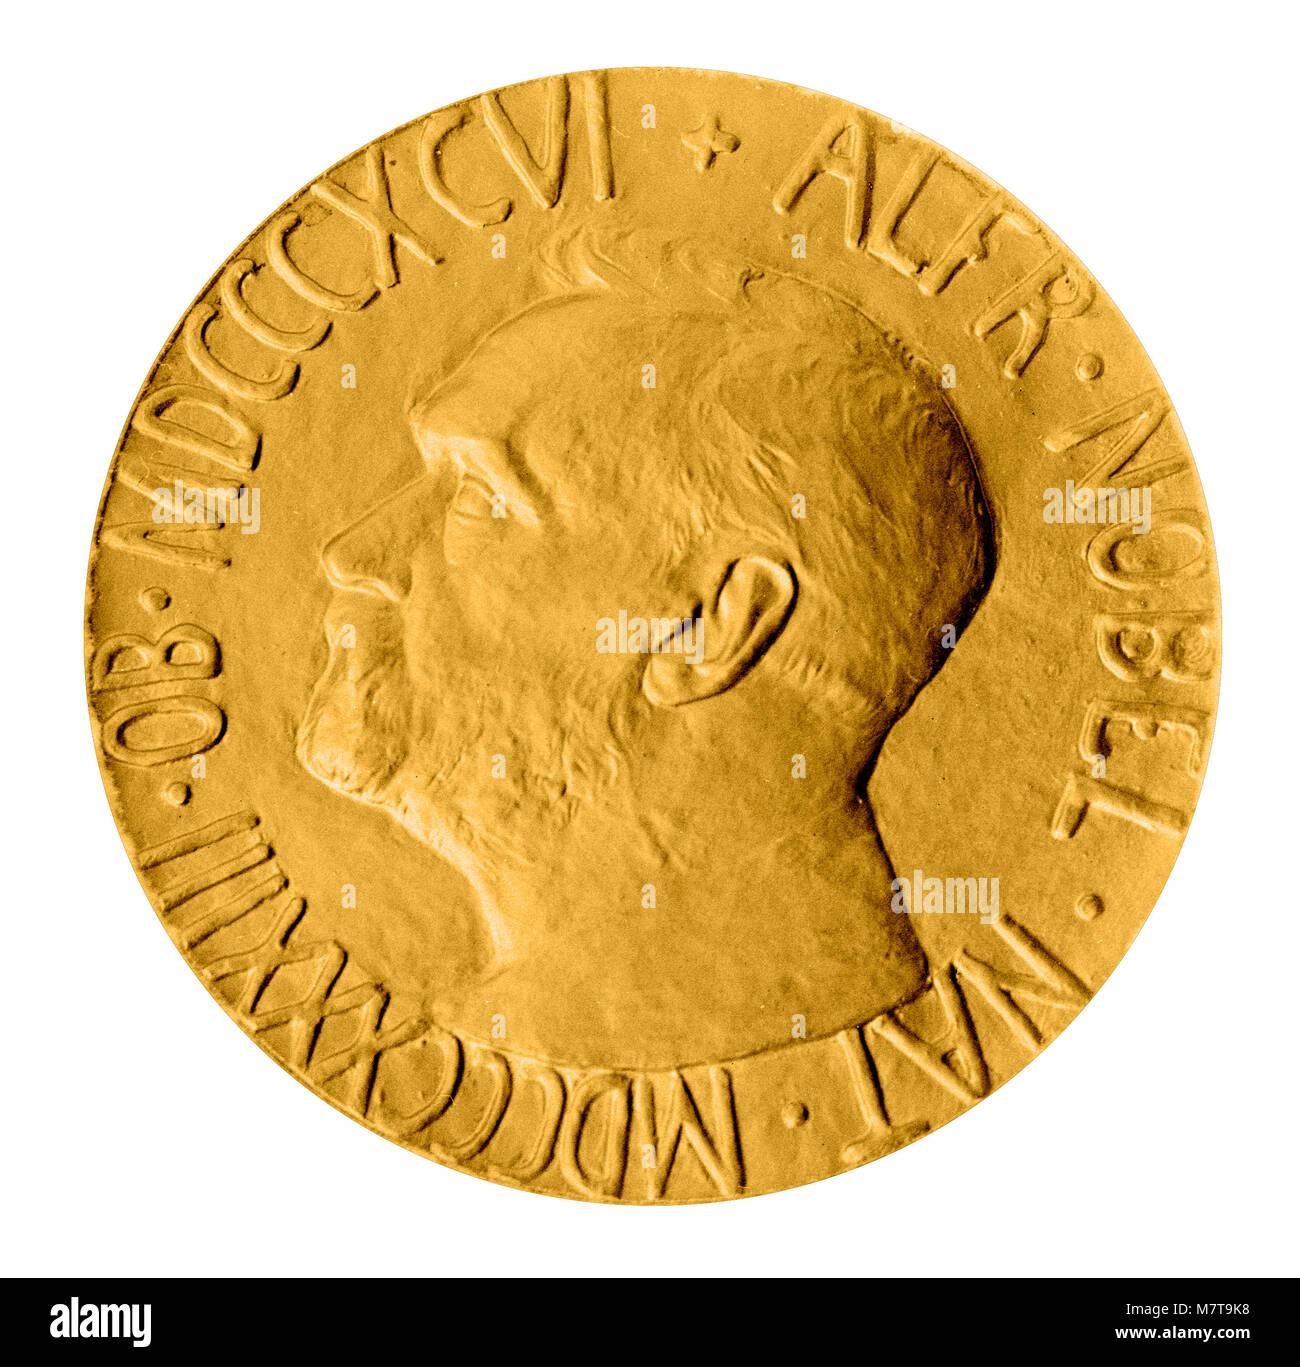 Replica Friedensnobelpreis-medaille Stockbild